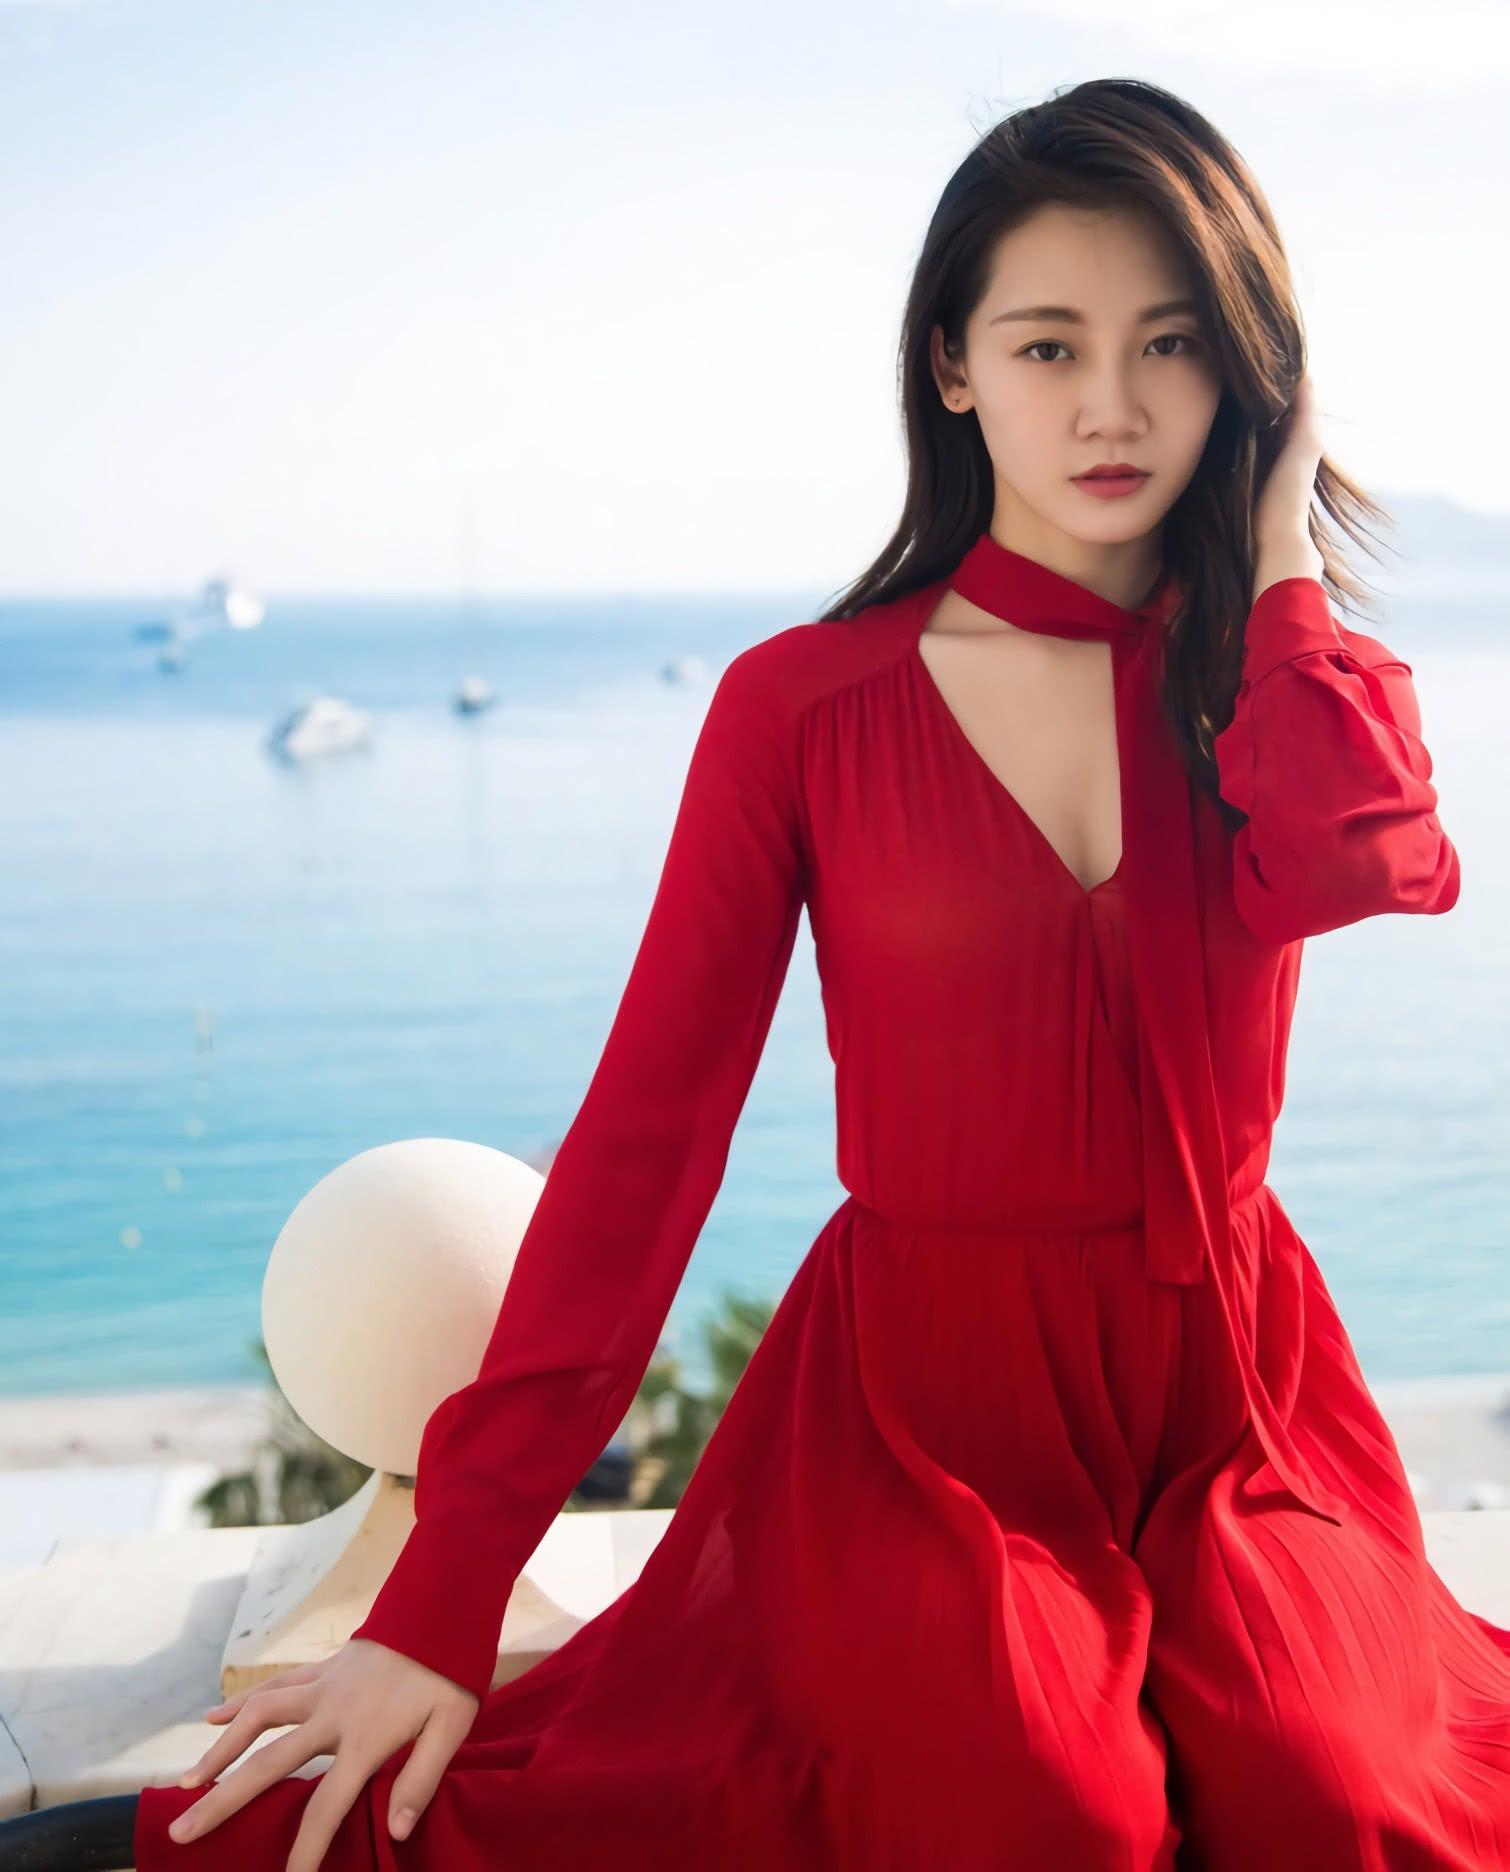 网曝苗苗和郑恺在一起了?看到一袭红装的她,我都想和她谈恋爱!